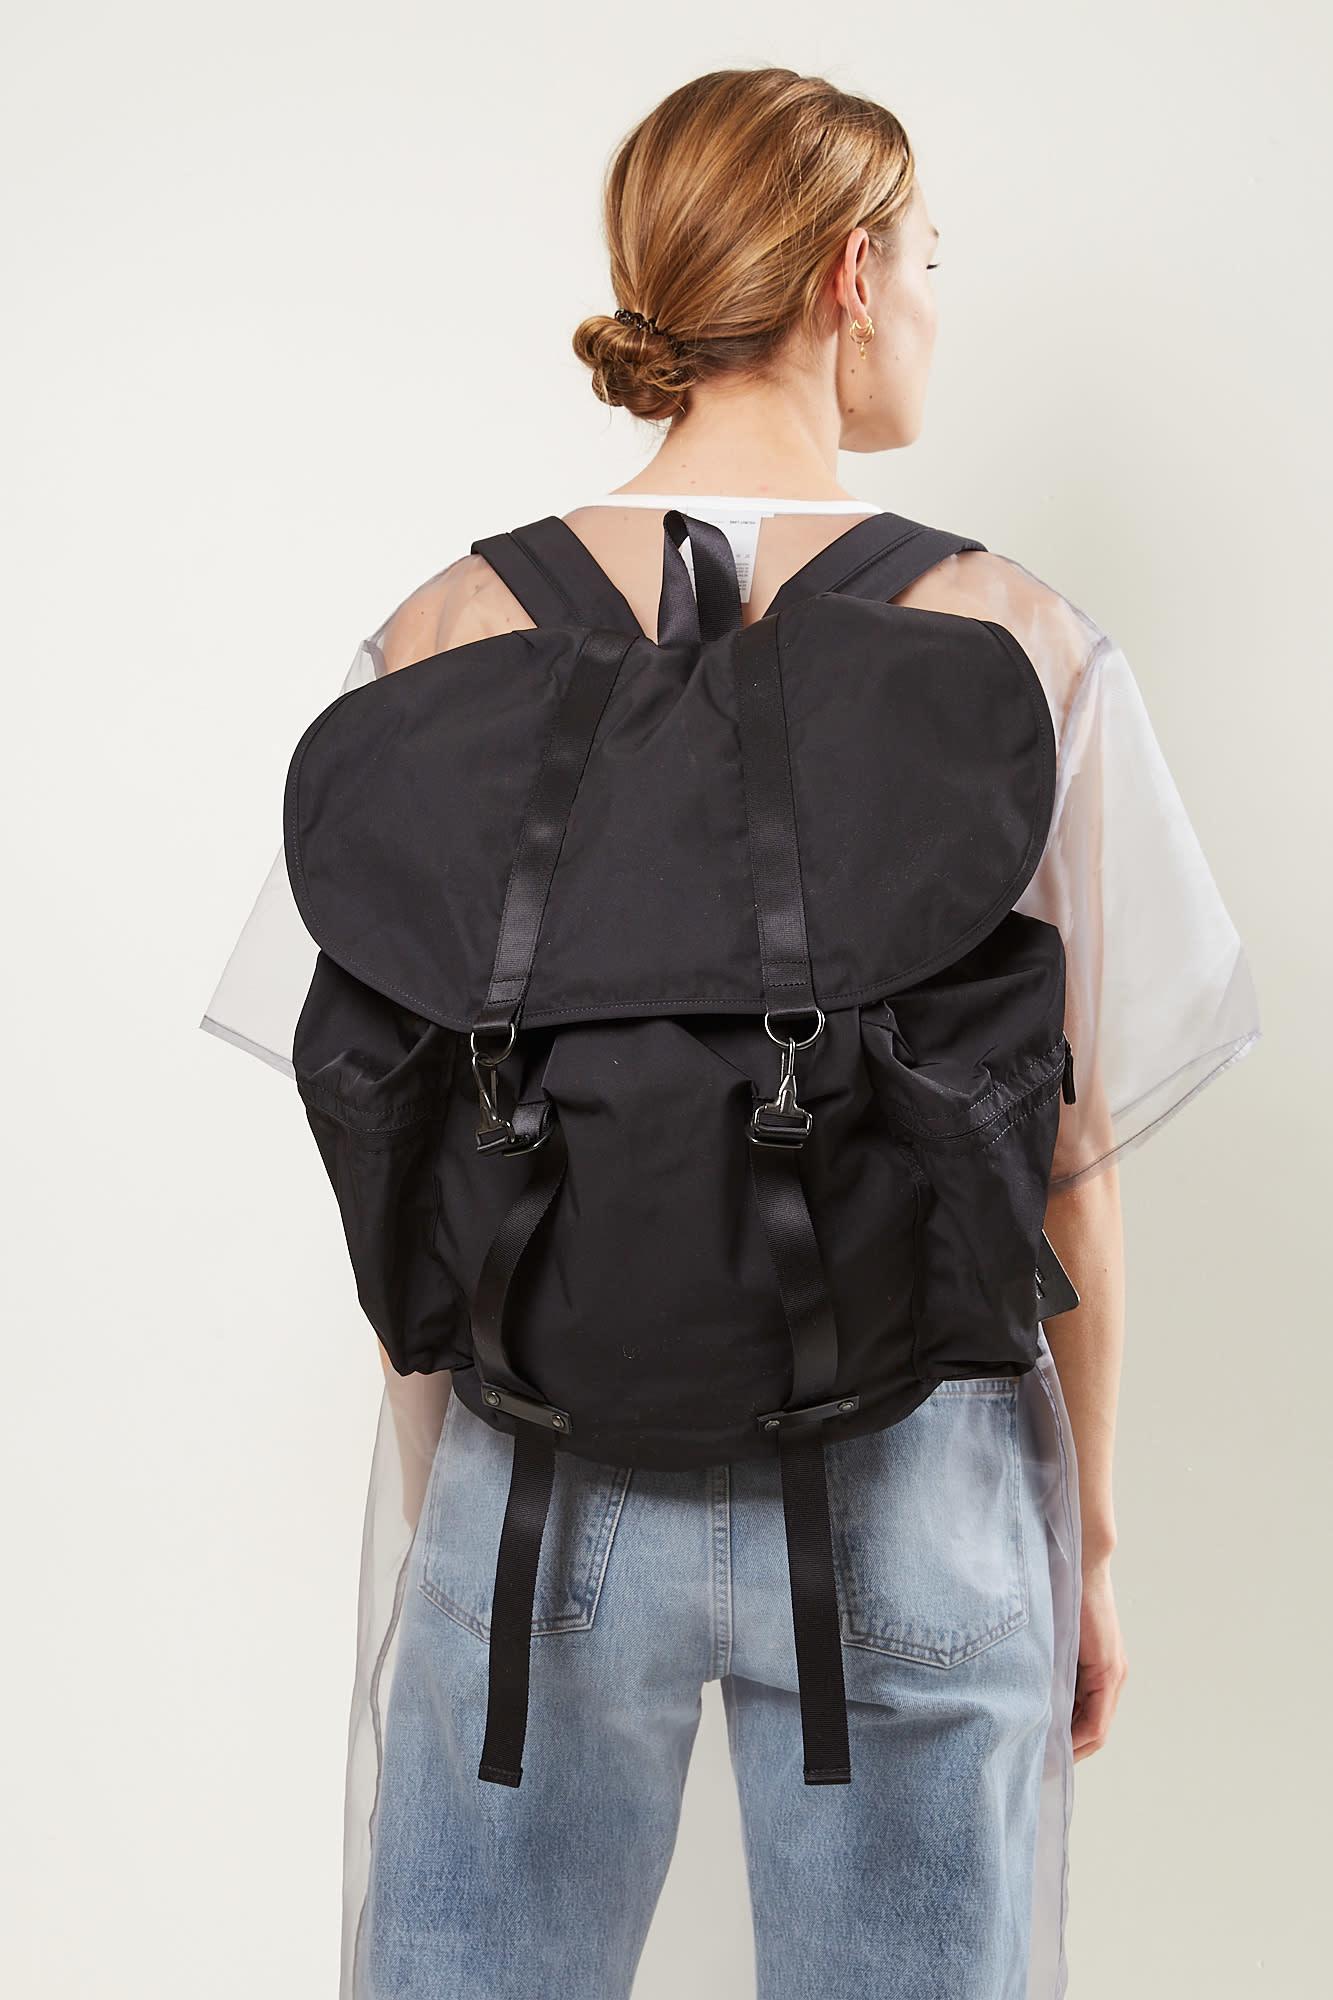 Amiacalva - Aaf backpack XL